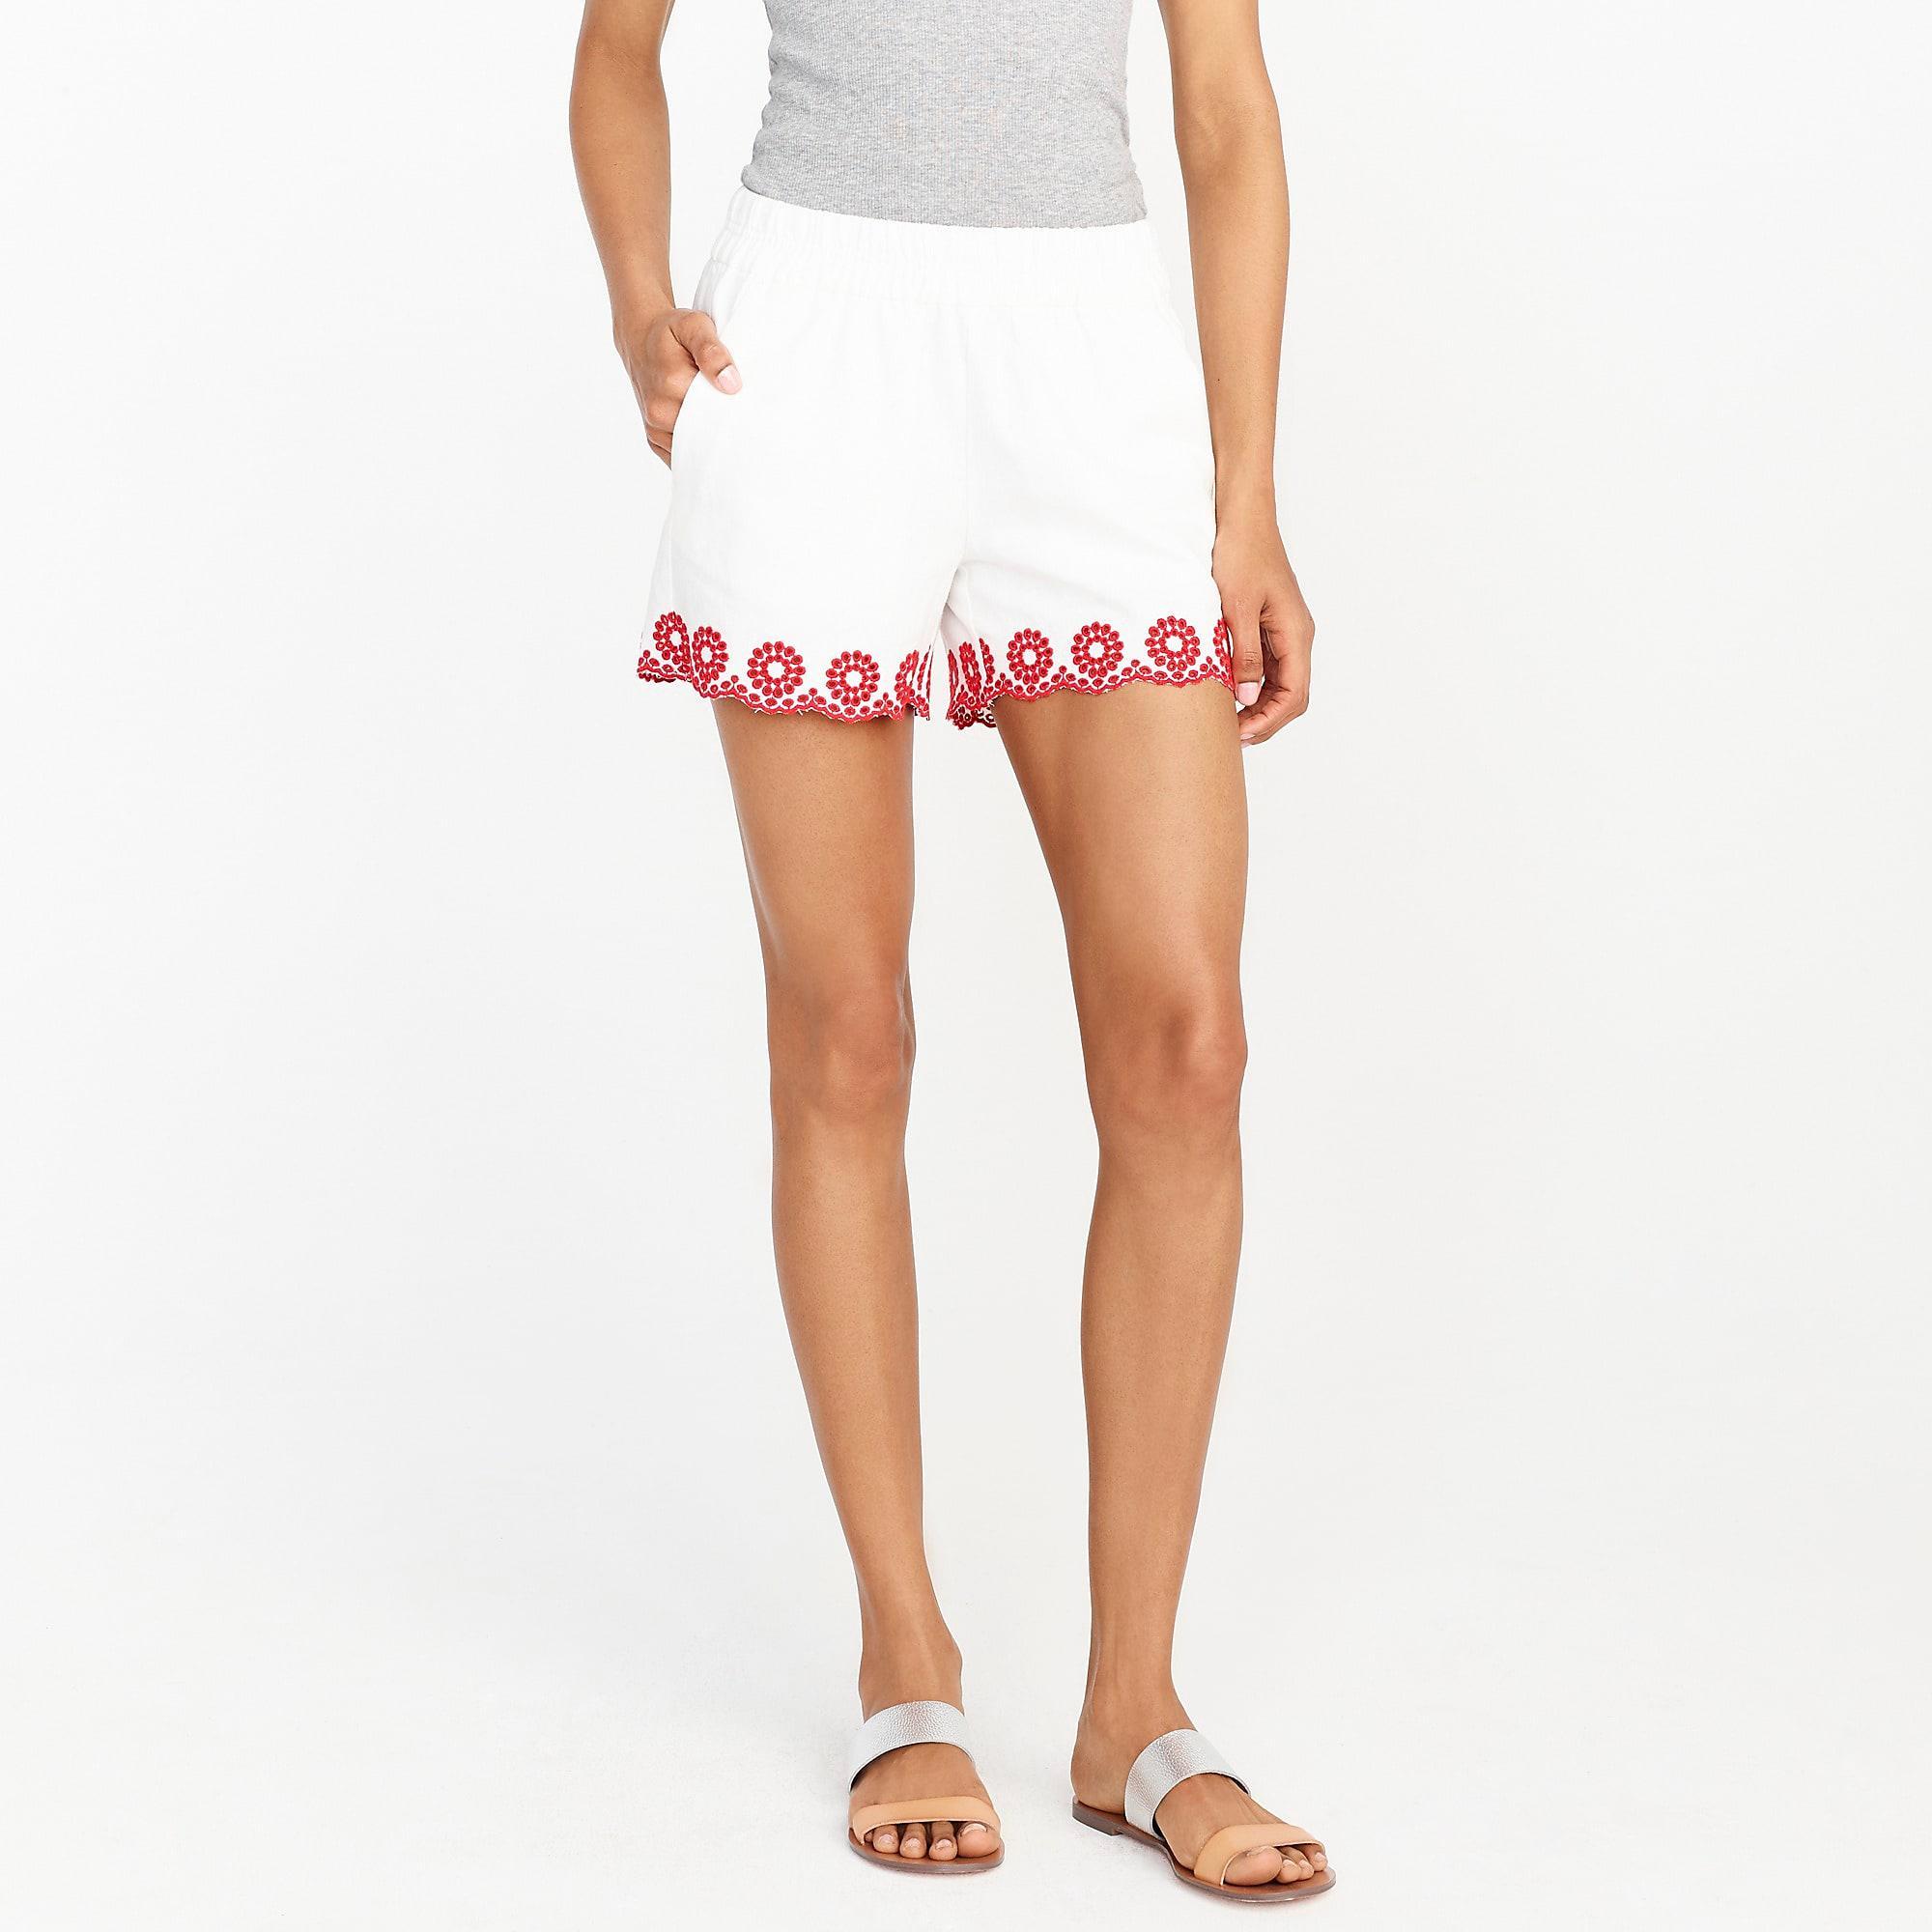 Lyst Jcrew Embroidered 4 Pull On Short In White Beberosie View Fullscreen